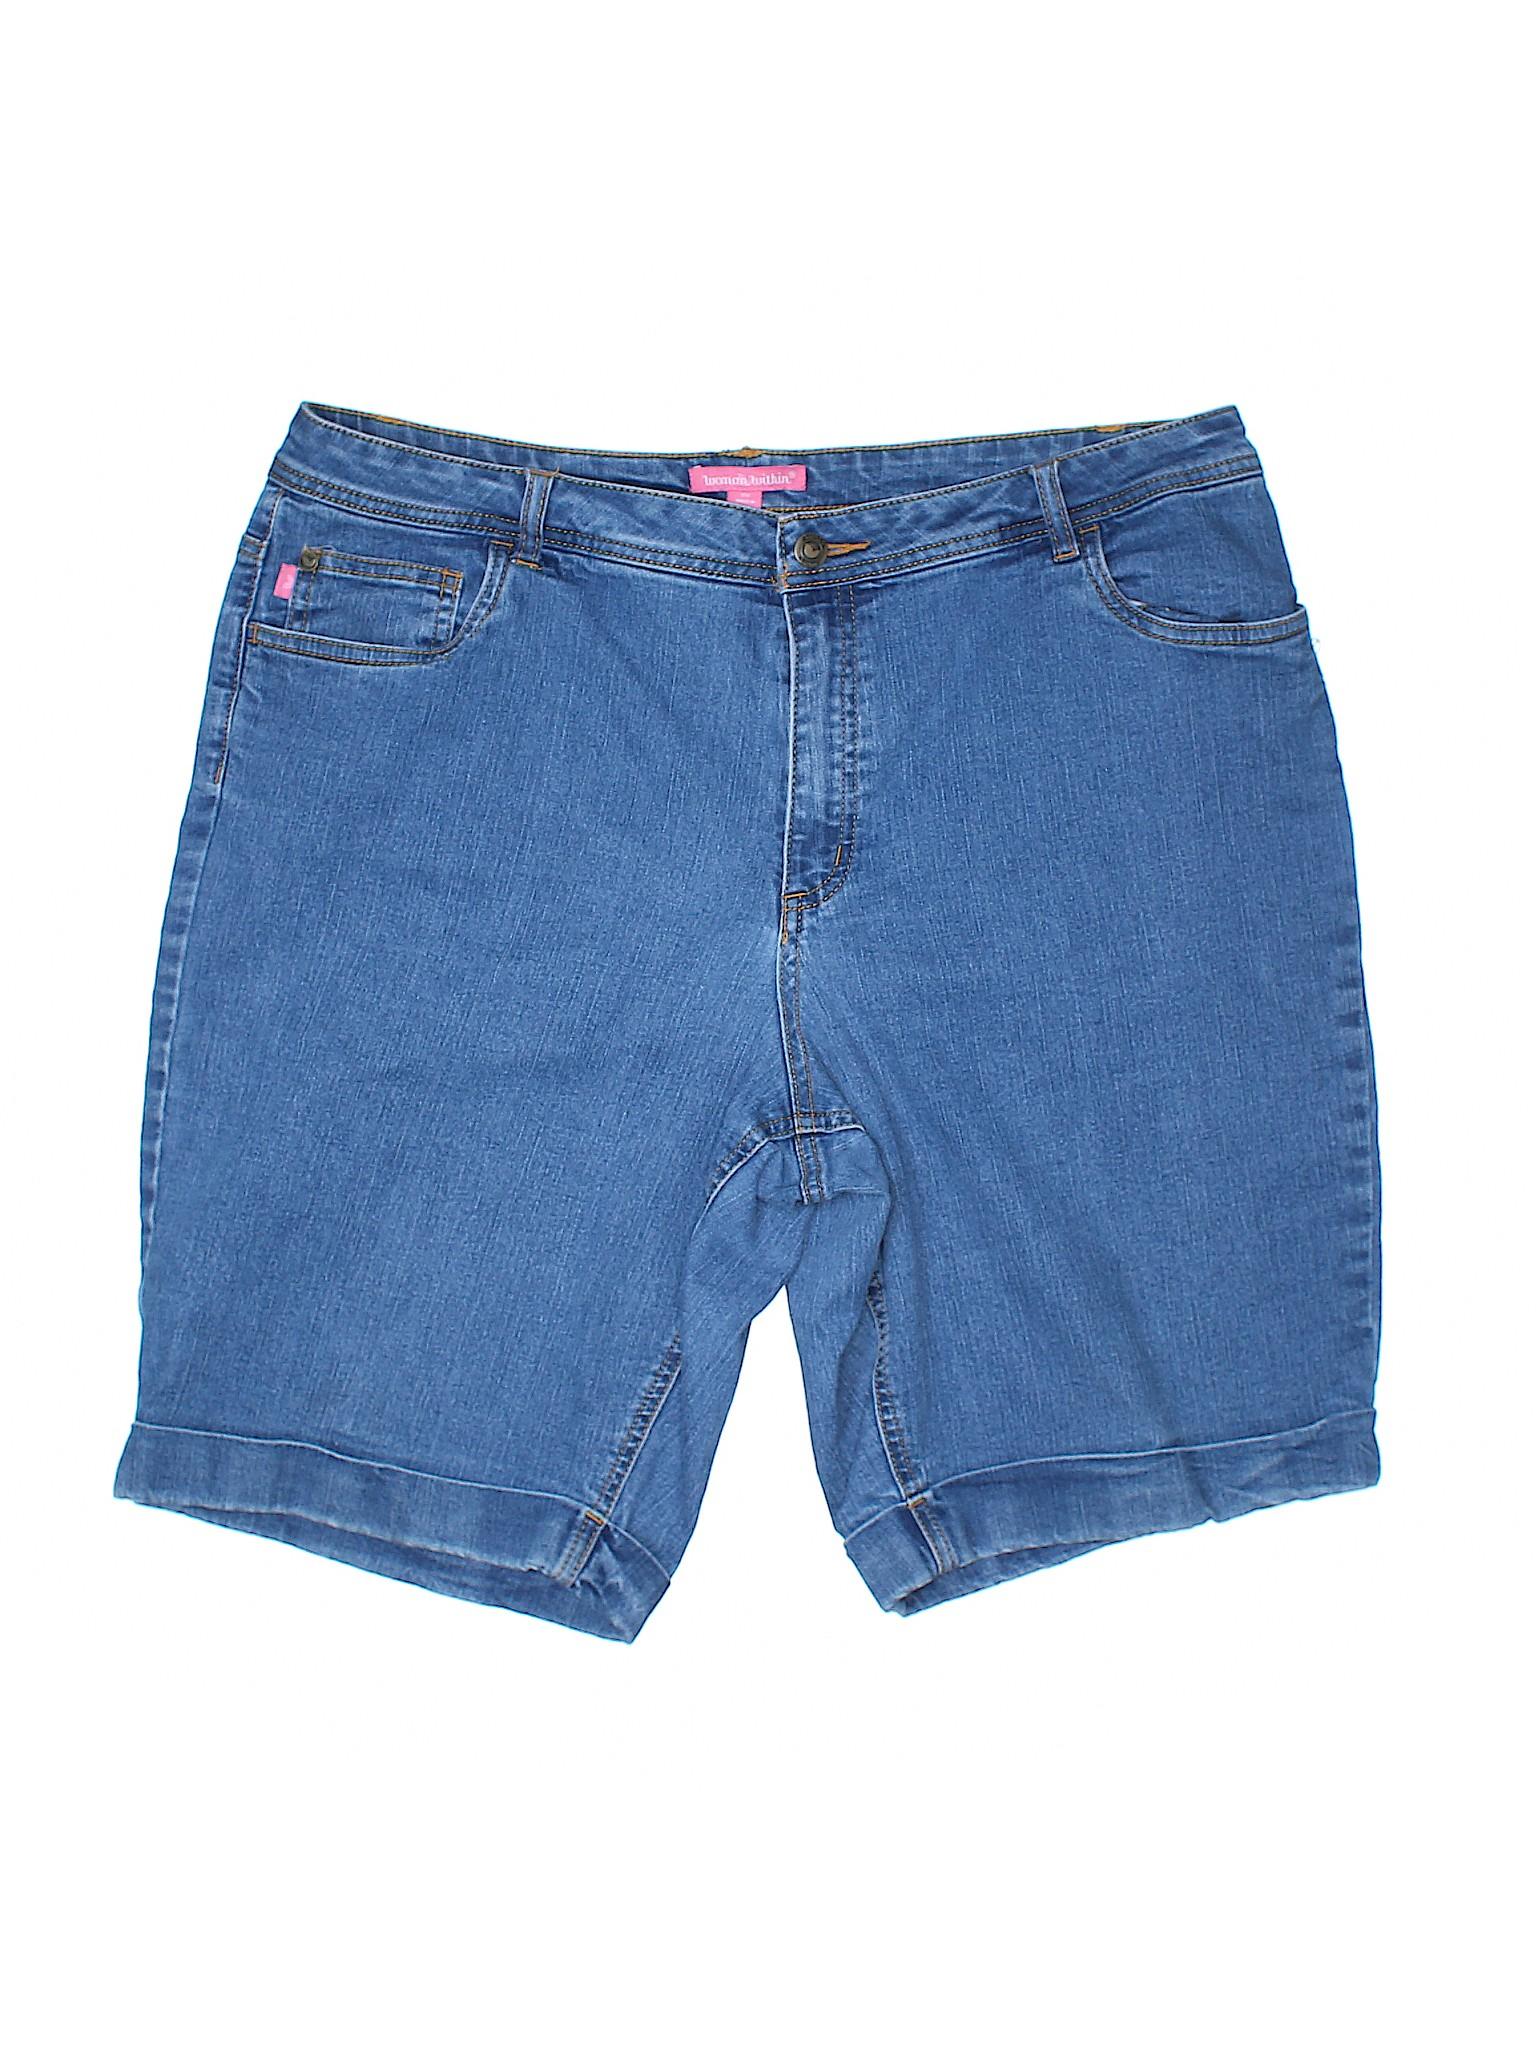 Boutique Denim Woman Shorts Woman Boutique Within Denim Within Shorts Boutique Woman xztqwWTf